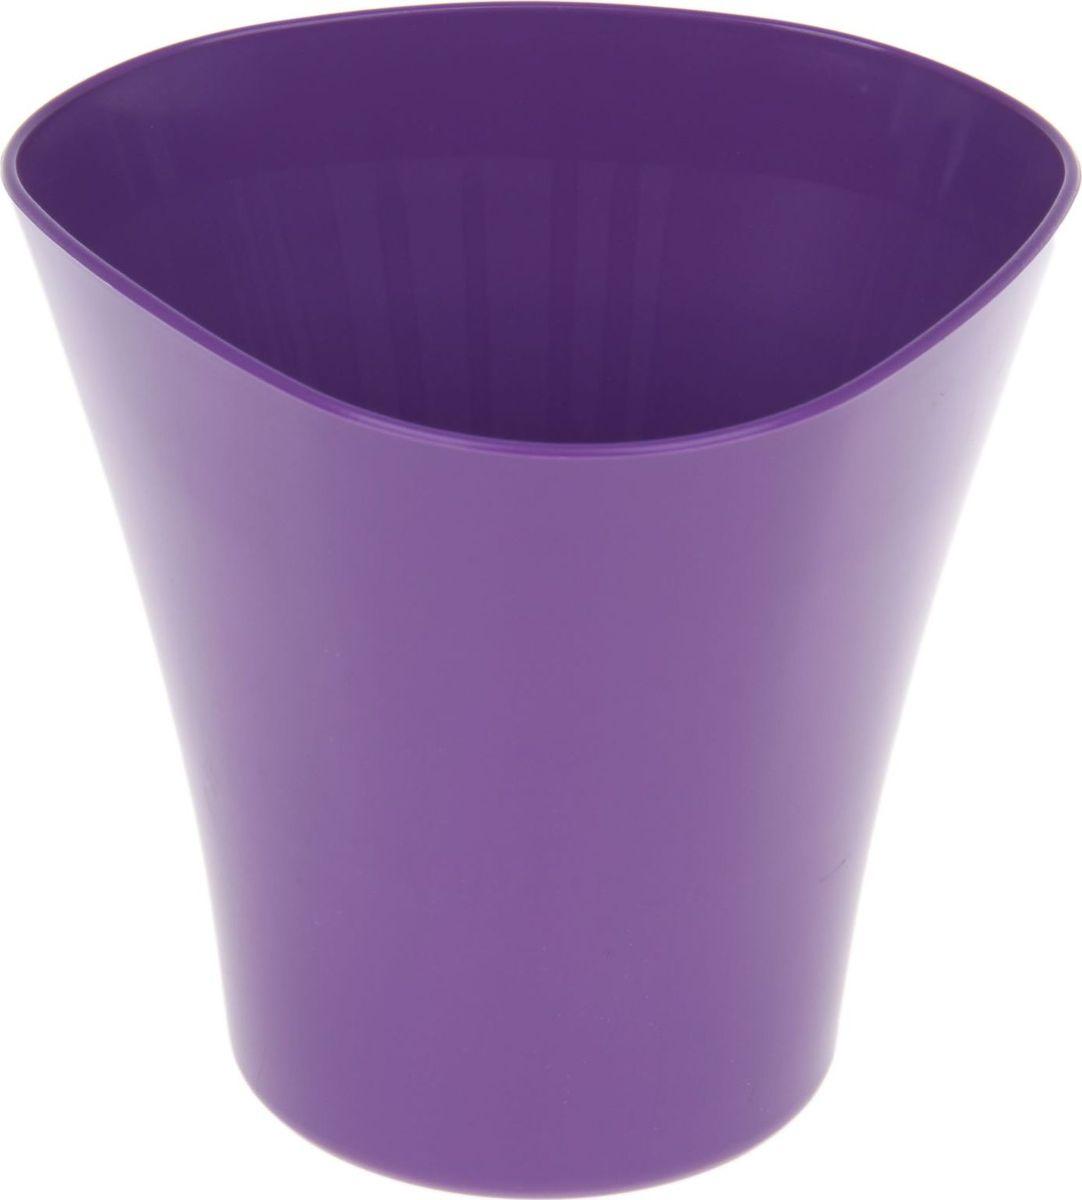 Кашпо JetPlast Волна, цвет: фиолетовый, 3 л4612754050611Любой, даже самый современный и продуманный интерьер будет не завершённым без растений. Они не только очищают воздух и насыщают его кислородом, но и заметно украшают окружающее пространство. Такому полезному &laquo члену семьи&raquoпросто необходимо красивое и функциональное кашпо, оригинальный горшок или необычная ваза! Мы предлагаем - Кашпо 3 л Волна, цвет фиолетовый!Оптимальный выбор материала &mdash &nbsp пластмасса! Почему мы так считаем? Малый вес. С лёгкостью переносите горшки и кашпо с места на место, ставьте их на столики или полки, подвешивайте под потолок, не беспокоясь о нагрузке. Простота ухода. Пластиковые изделия не нуждаются в специальных условиях хранения. Их&nbsp легко чистить &mdashдостаточно просто сполоснуть тёплой водой. Никаких царапин. Пластиковые кашпо не царапают и не загрязняют поверхности, на которых стоят. Пластик дольше хранит влагу, а значит &mdashрастение реже нуждается в поливе. Пластмасса не пропускает воздух &mdashкорневой системе растения не грозят резкие перепады температур. Огромный выбор форм, декора и расцветок &mdashвы без труда подберёте что-то, что идеально впишется в уже существующий интерьер.Соблюдая нехитрые правила ухода, вы можете заметно продлить срок службы горшков, вазонов и кашпо из пластика: всегда учитывайте размер кроны и корневой системы растения (при разрастании большое растение способно повредить маленький горшок)берегите изделие от воздействия прямых солнечных лучей, чтобы кашпо и горшки не выцветалидержите кашпо и горшки из пластика подальше от нагревающихся поверхностей.Создавайте прекрасные цветочные композиции, выращивайте рассаду или необычные растения, а низкие цены позволят вам не ограничивать себя в выборе.